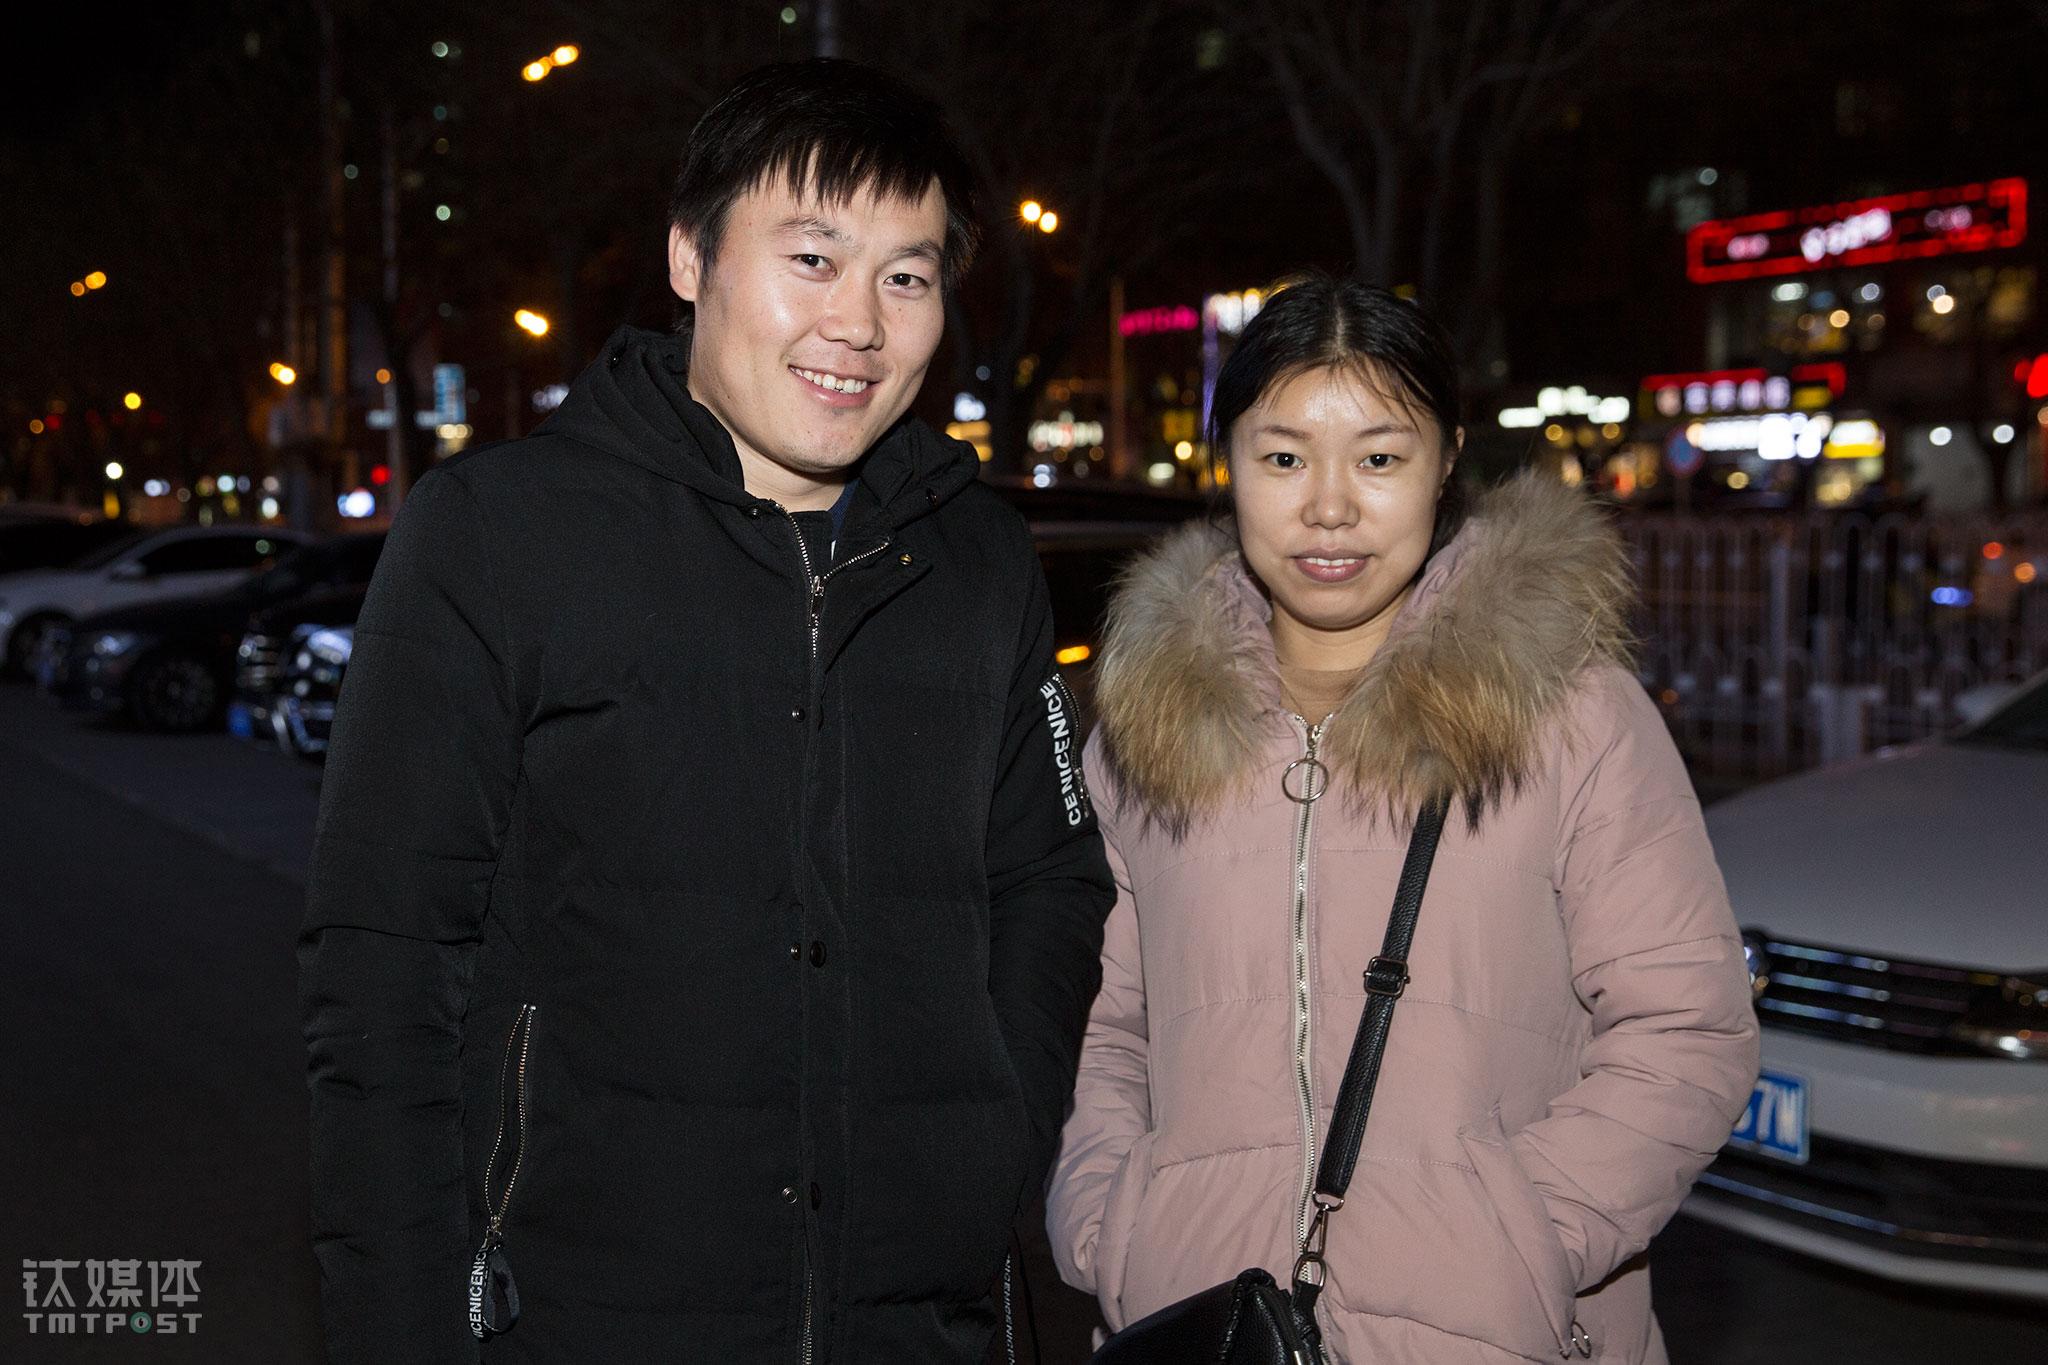 """2017年,闫军祥实现了诺言,女朋友变成妻子,这是他这一年最大的收获。""""2018再奋斗一年,要个孩子,发展好的话买辆车。"""" 闫军祥这样计划着新的一年。"""